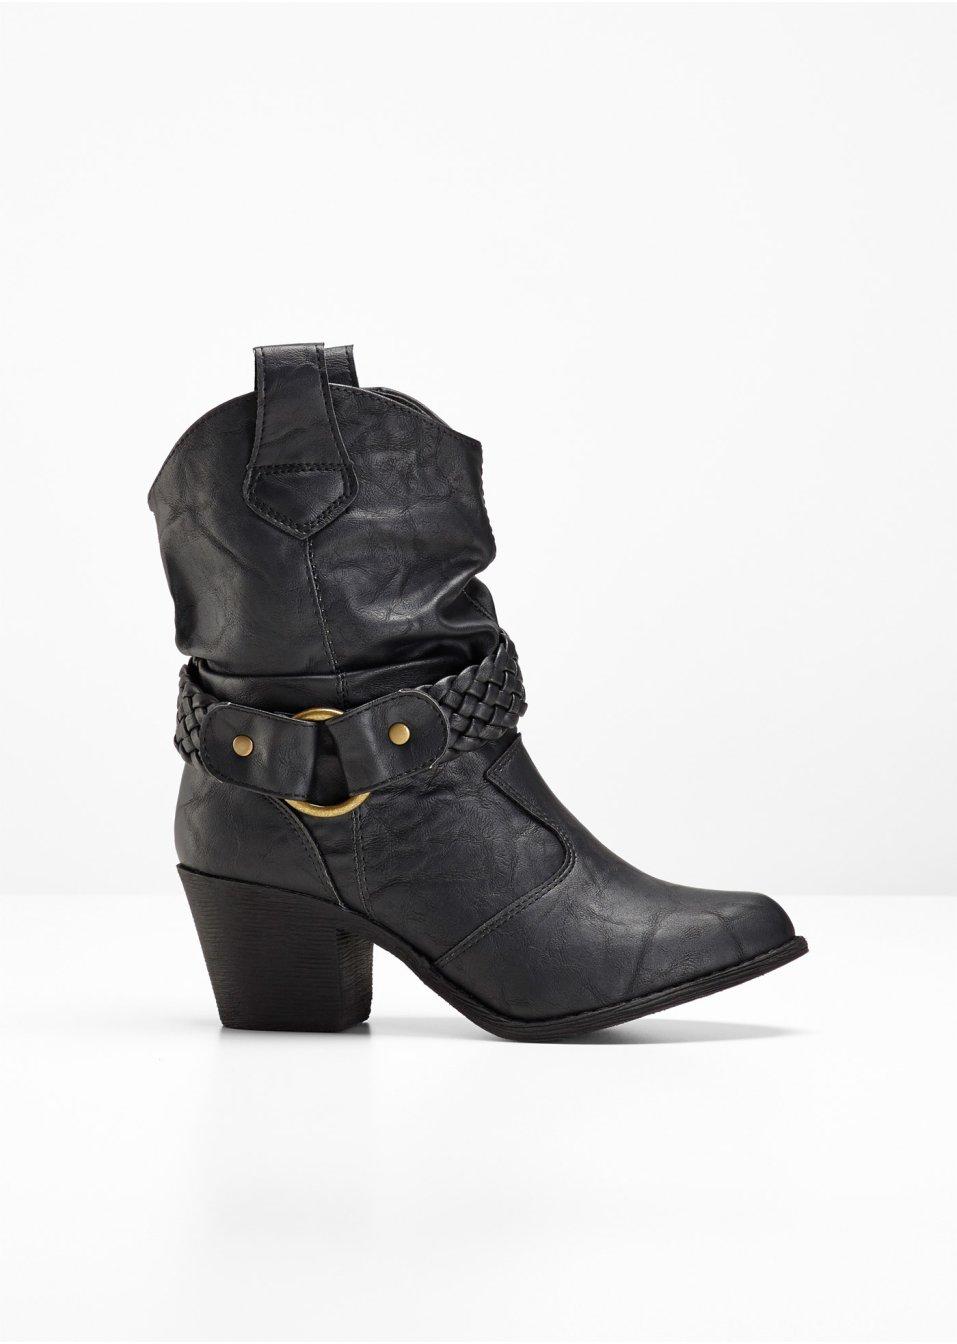 Schoenenkast Ook Voor Laarzen.Betoverend Mooi Laarzen In Moderne Western Look Van Bpc Zwart